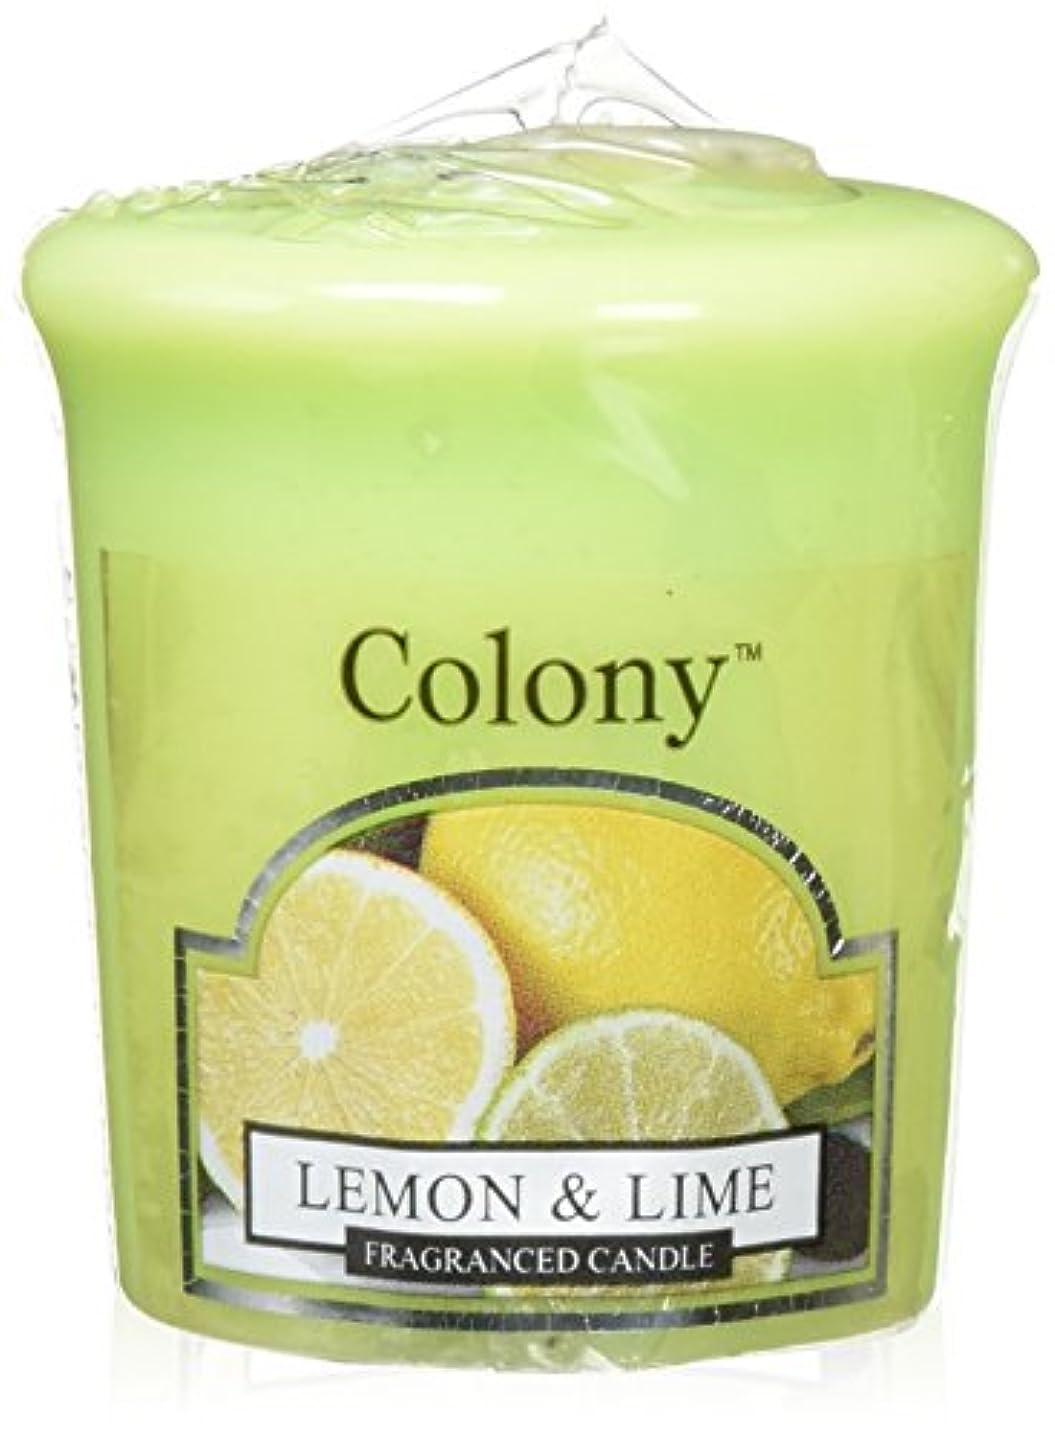 裏切り流体機会WAX LYRICAL ENGLAND Colony HomeScents Series センターキャンドル レモン&ライム CNCH0568